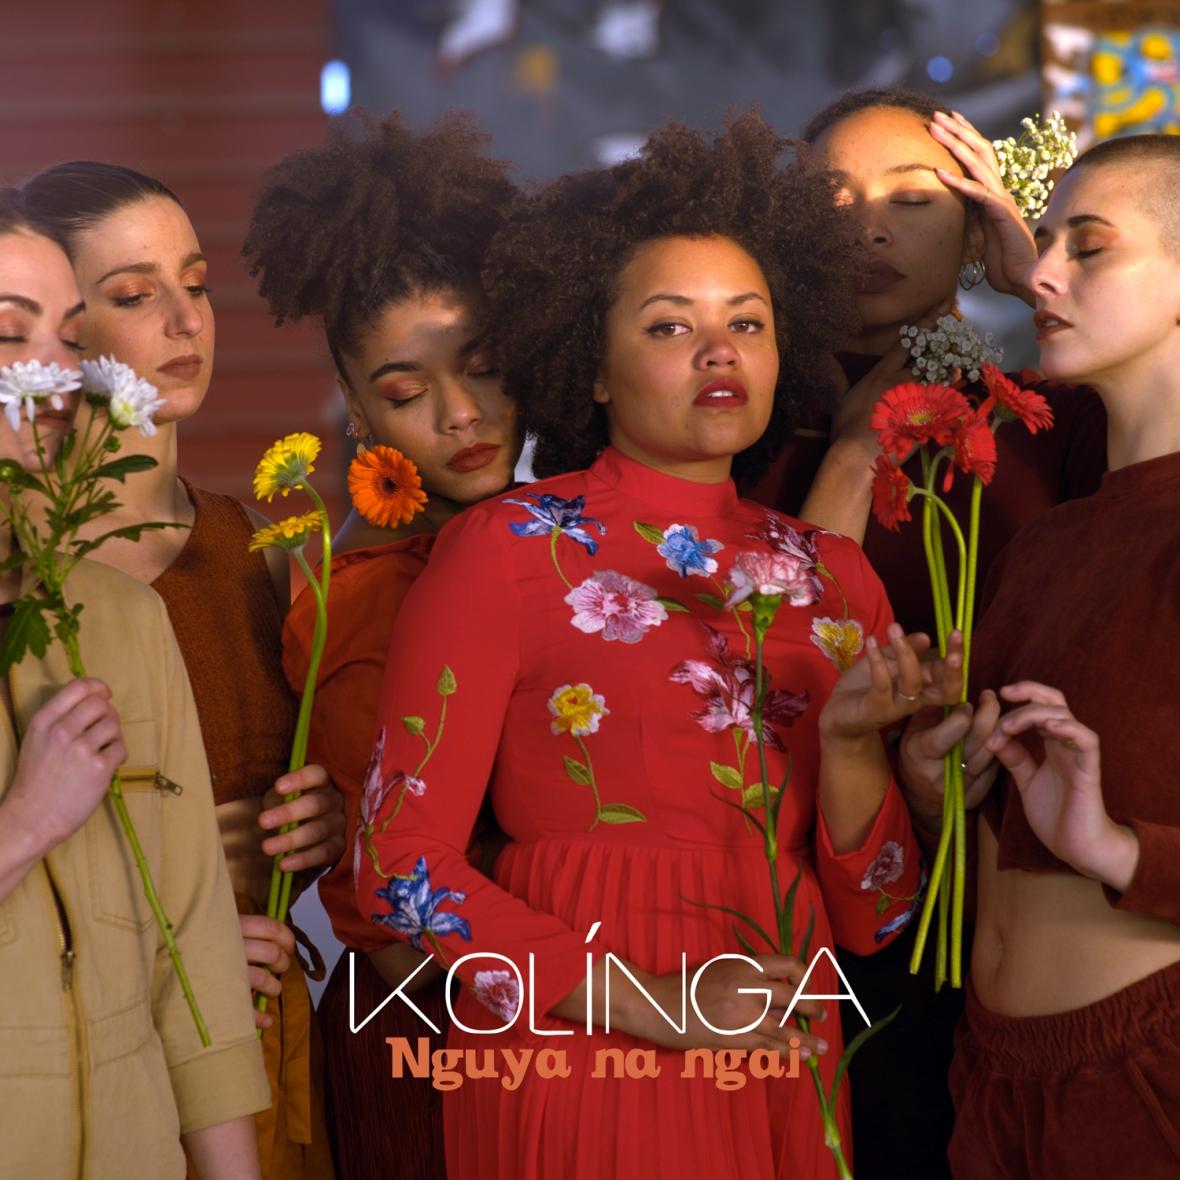 KOLINGA - Nguya na ngai (Official Music Video)